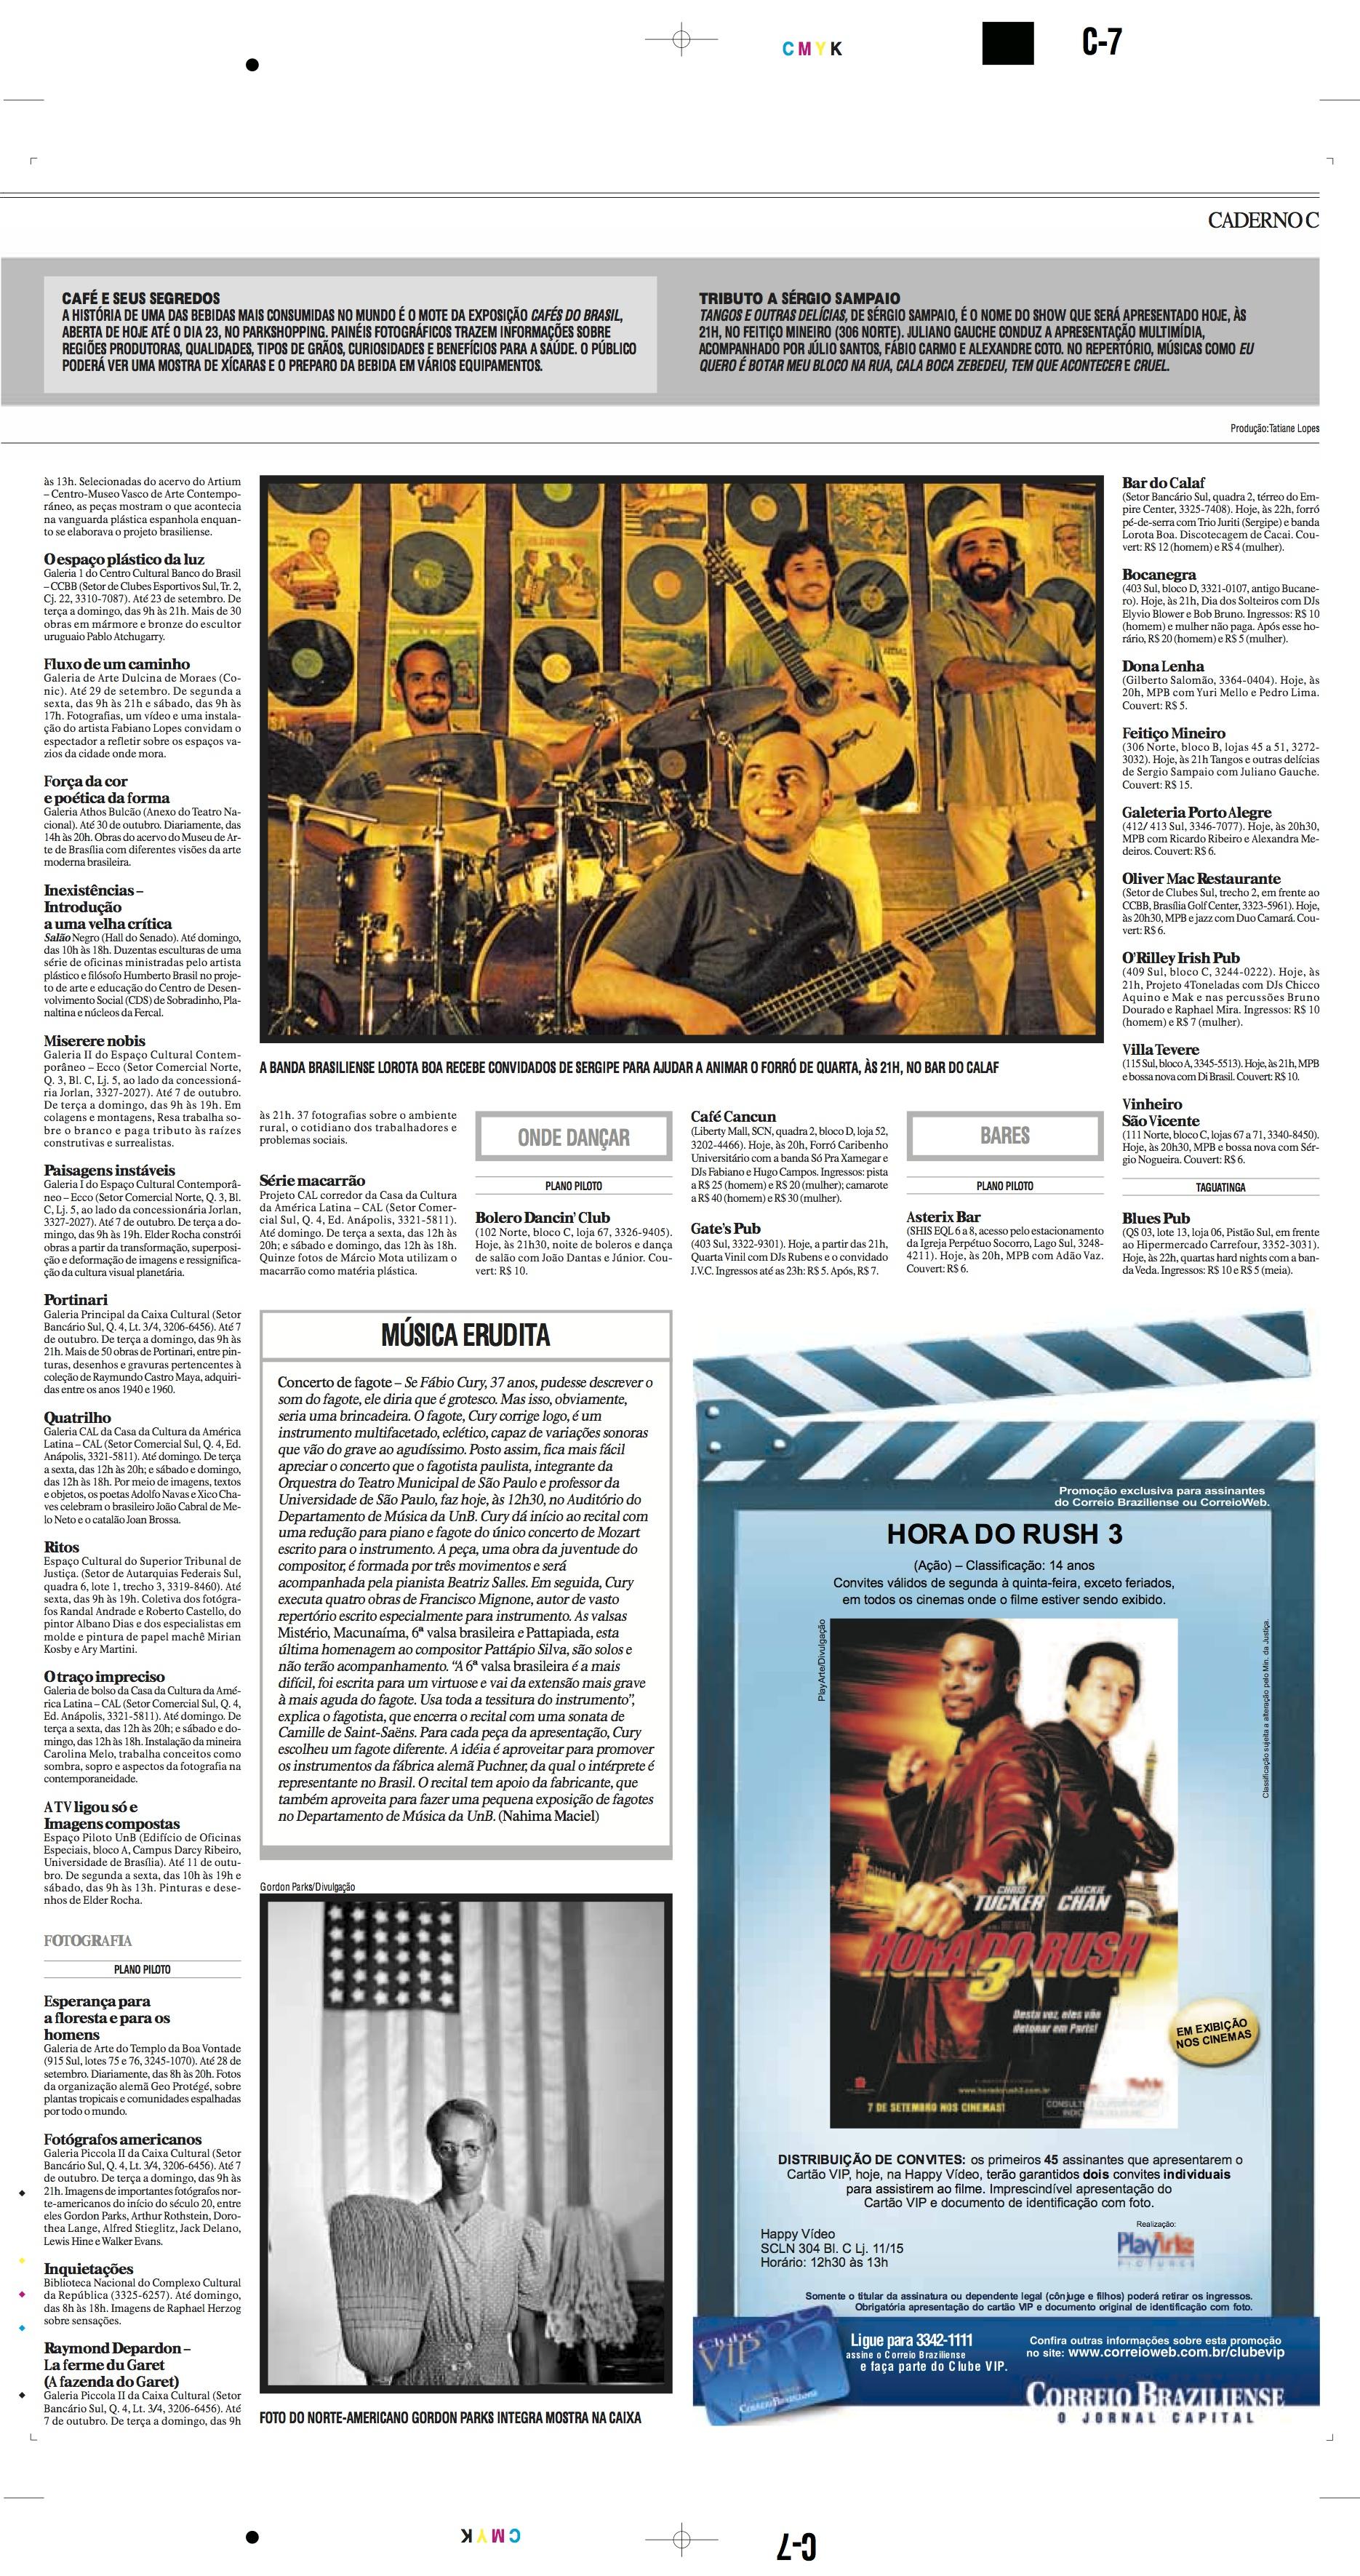 2007 Clipping Vavá baixista Lorota Boa foto 12 de setembro de 2007.jpg